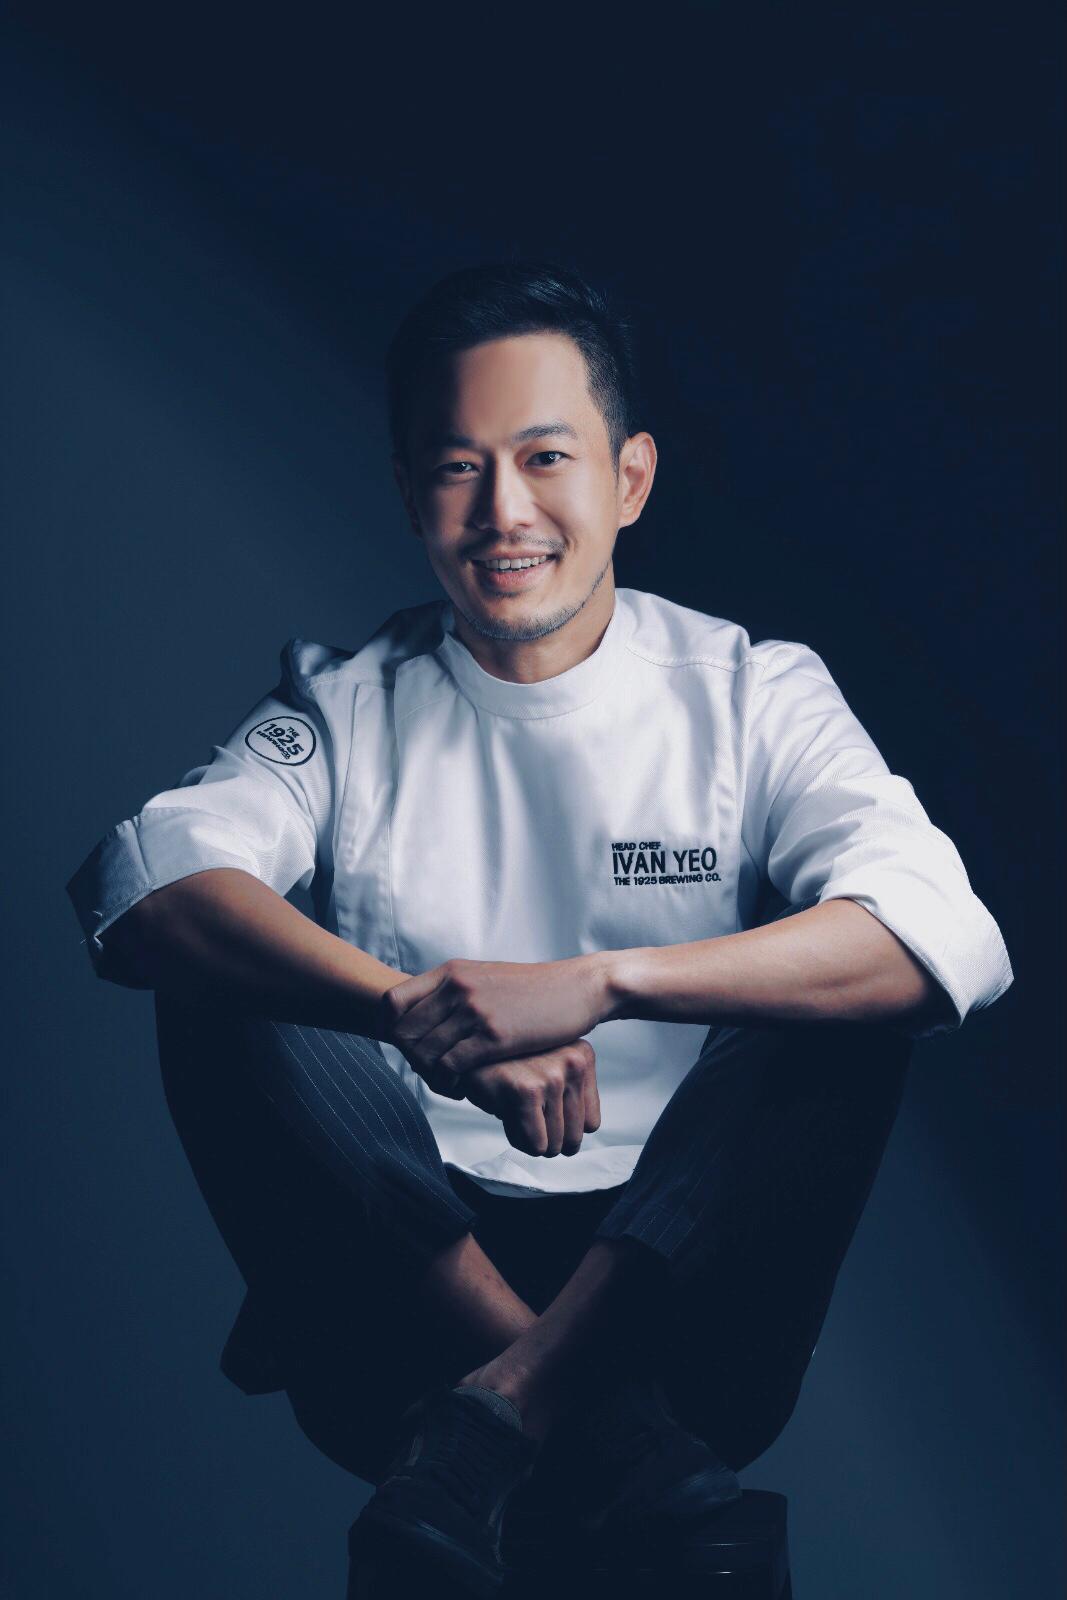 Chef Ivan Yeo